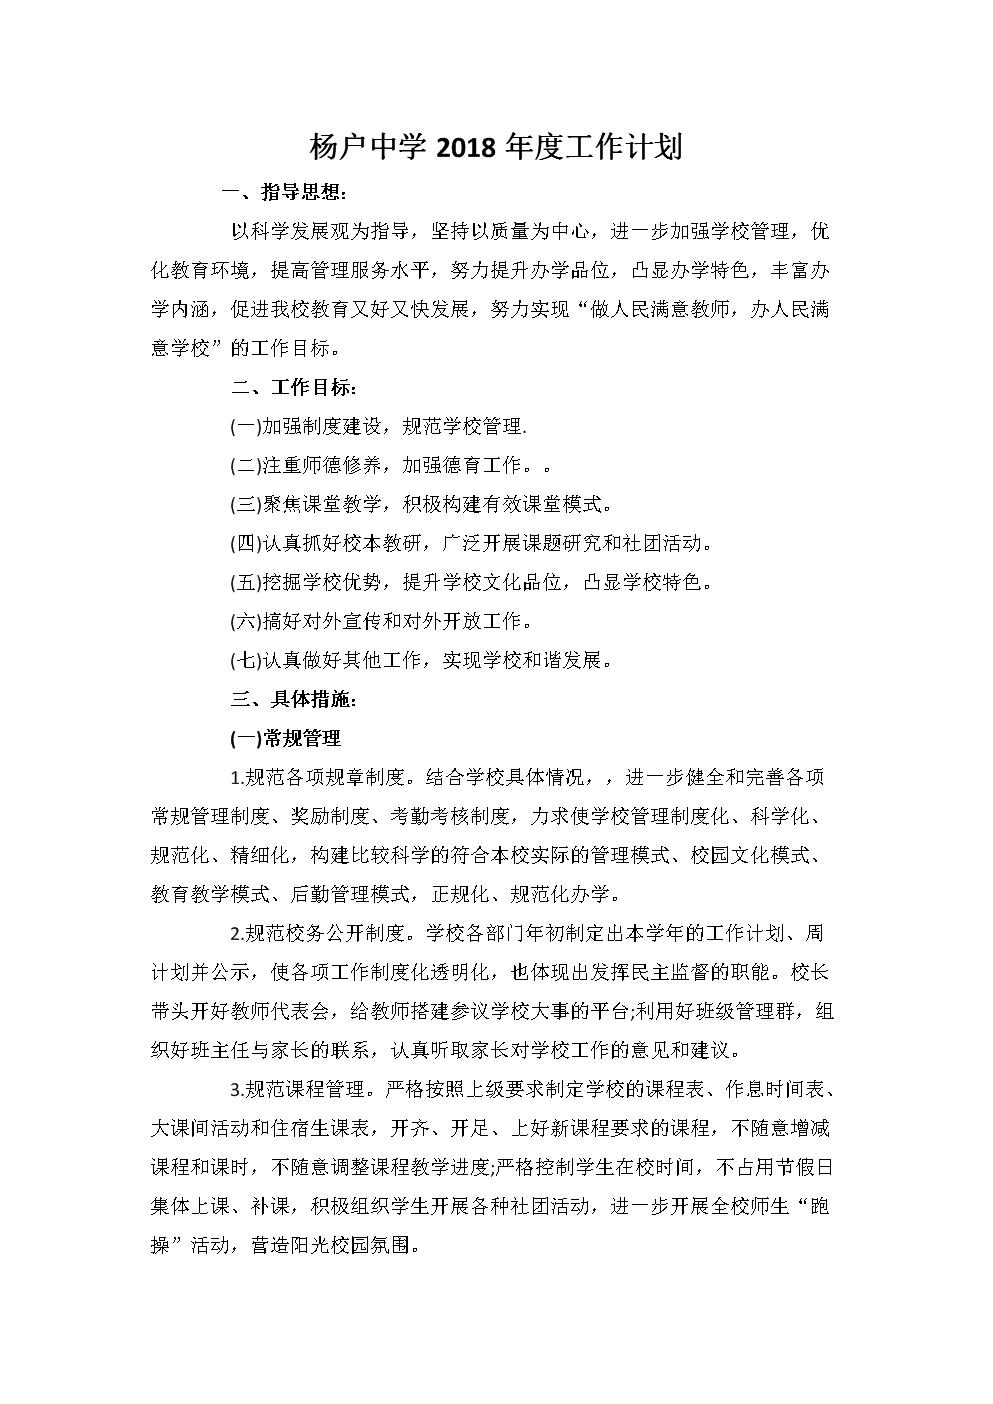 """""""/shouchaobao/""""  """"/a/_blank"""" 手抄报等形式,积极开展安全教育与宣"""